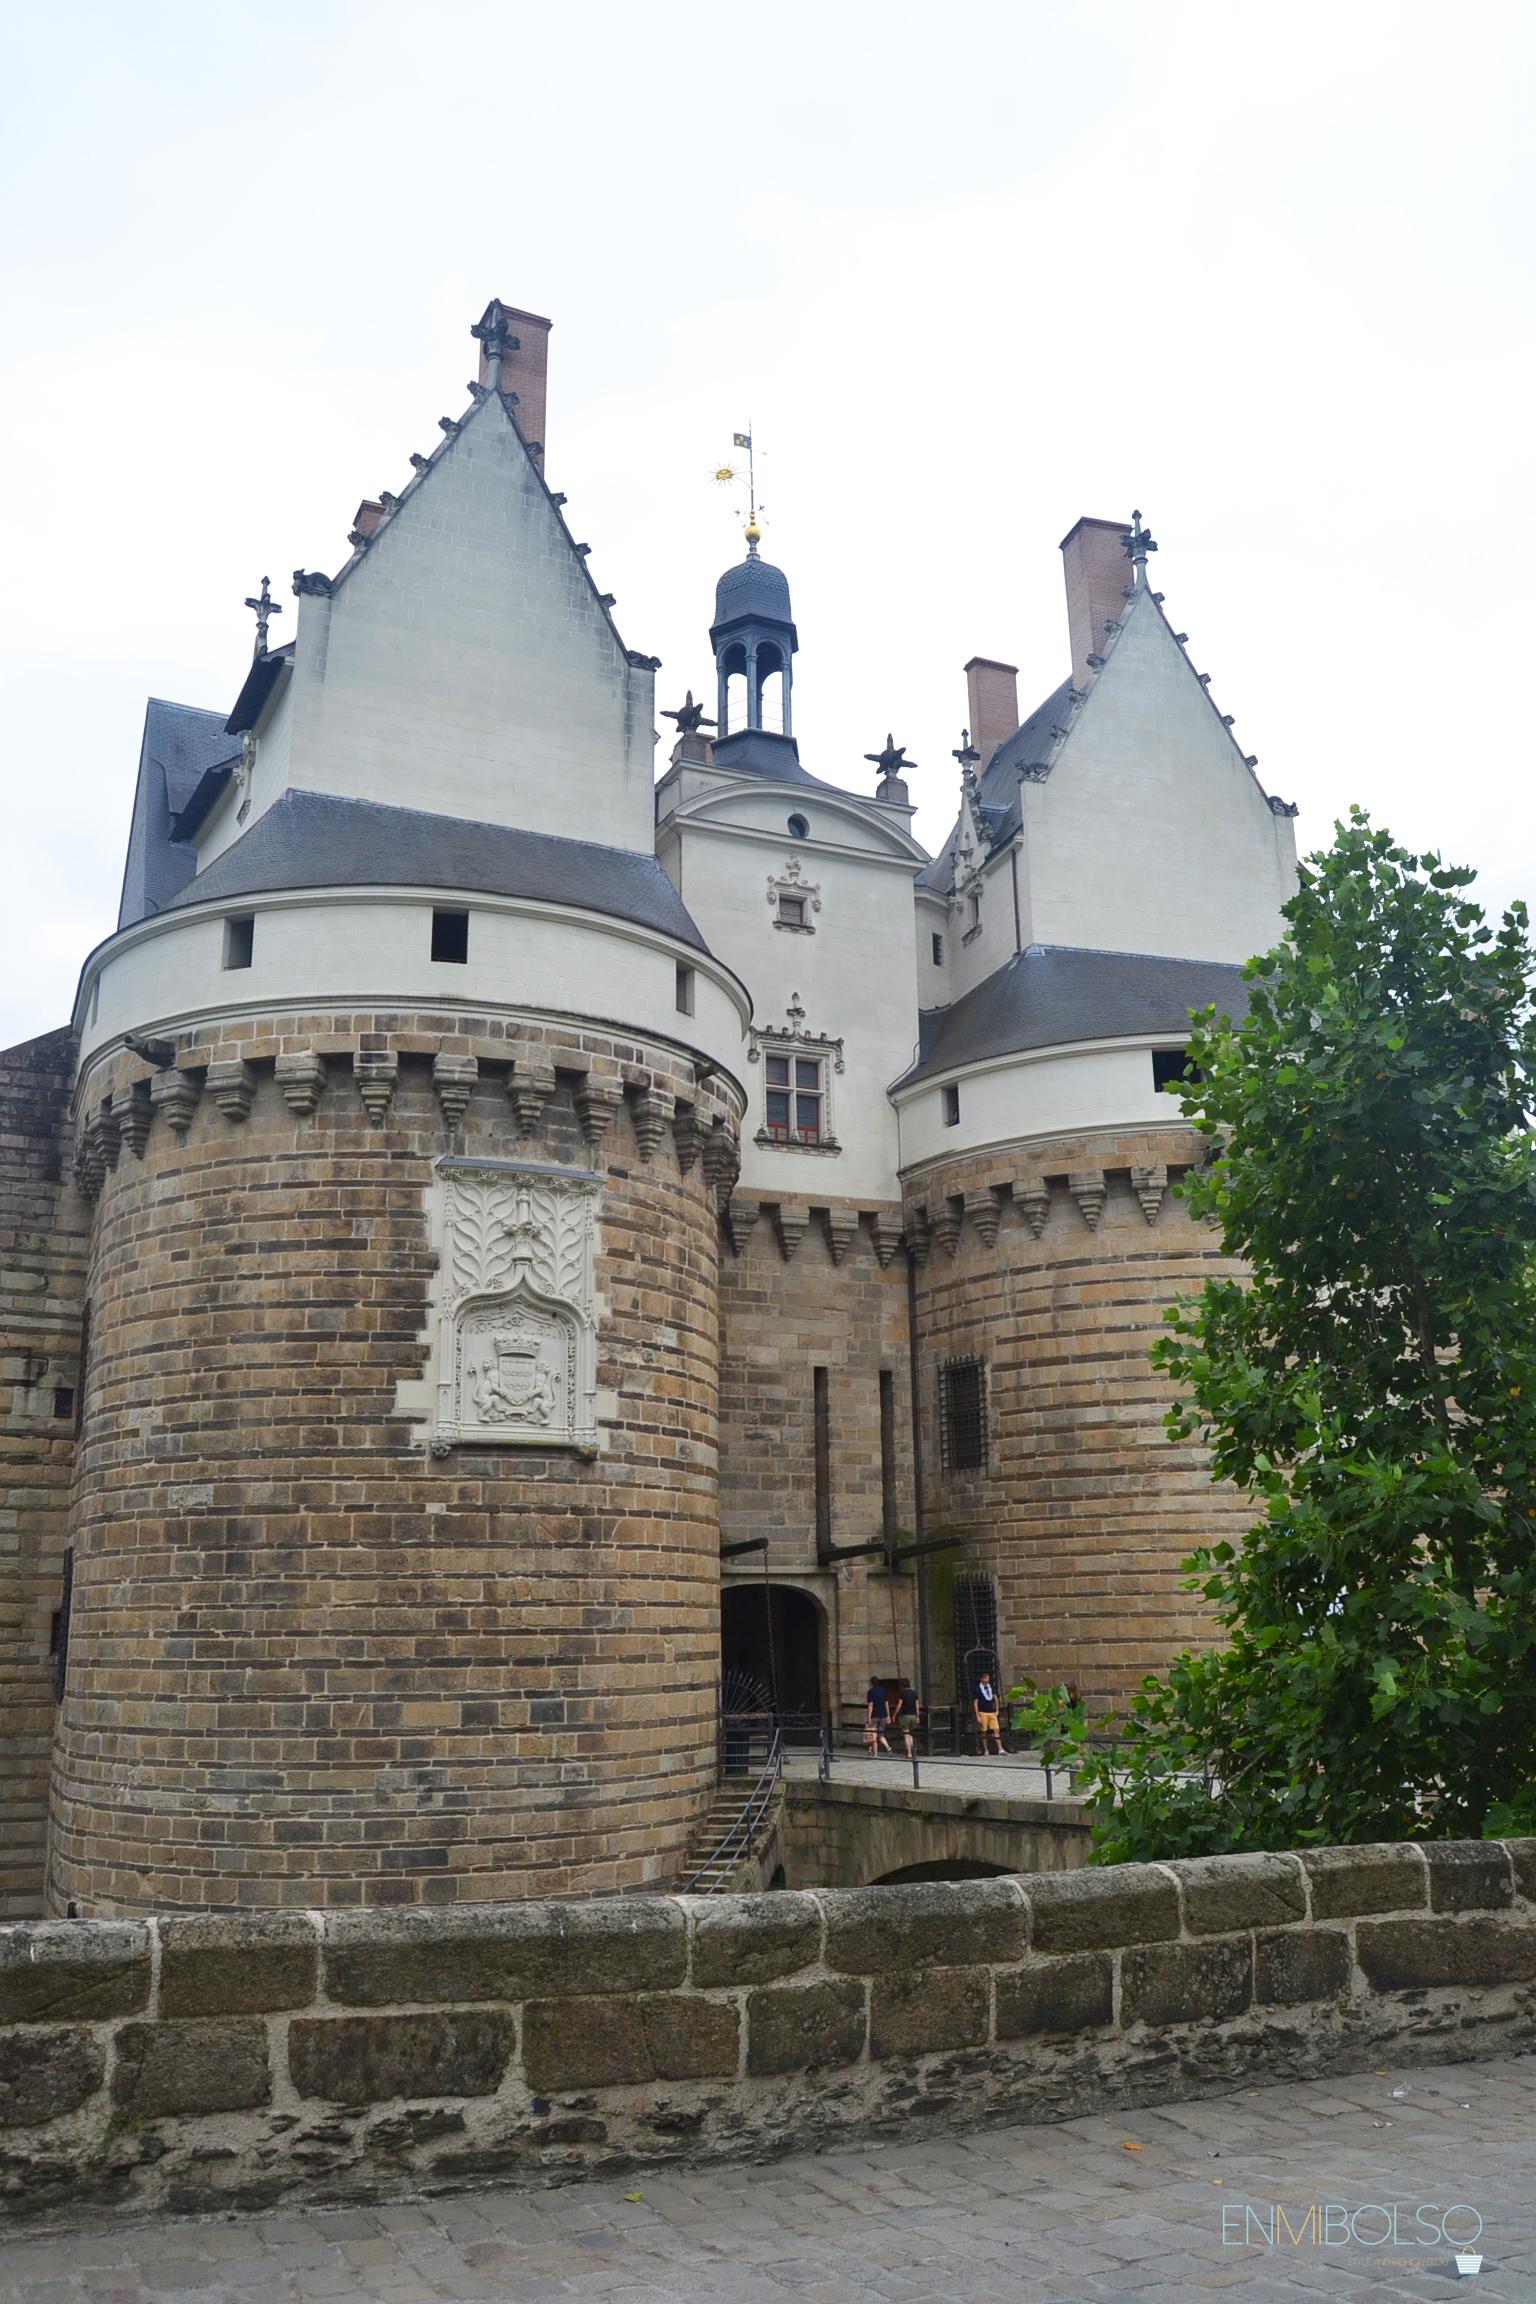 nantes-castillo-duques-de-bretana1